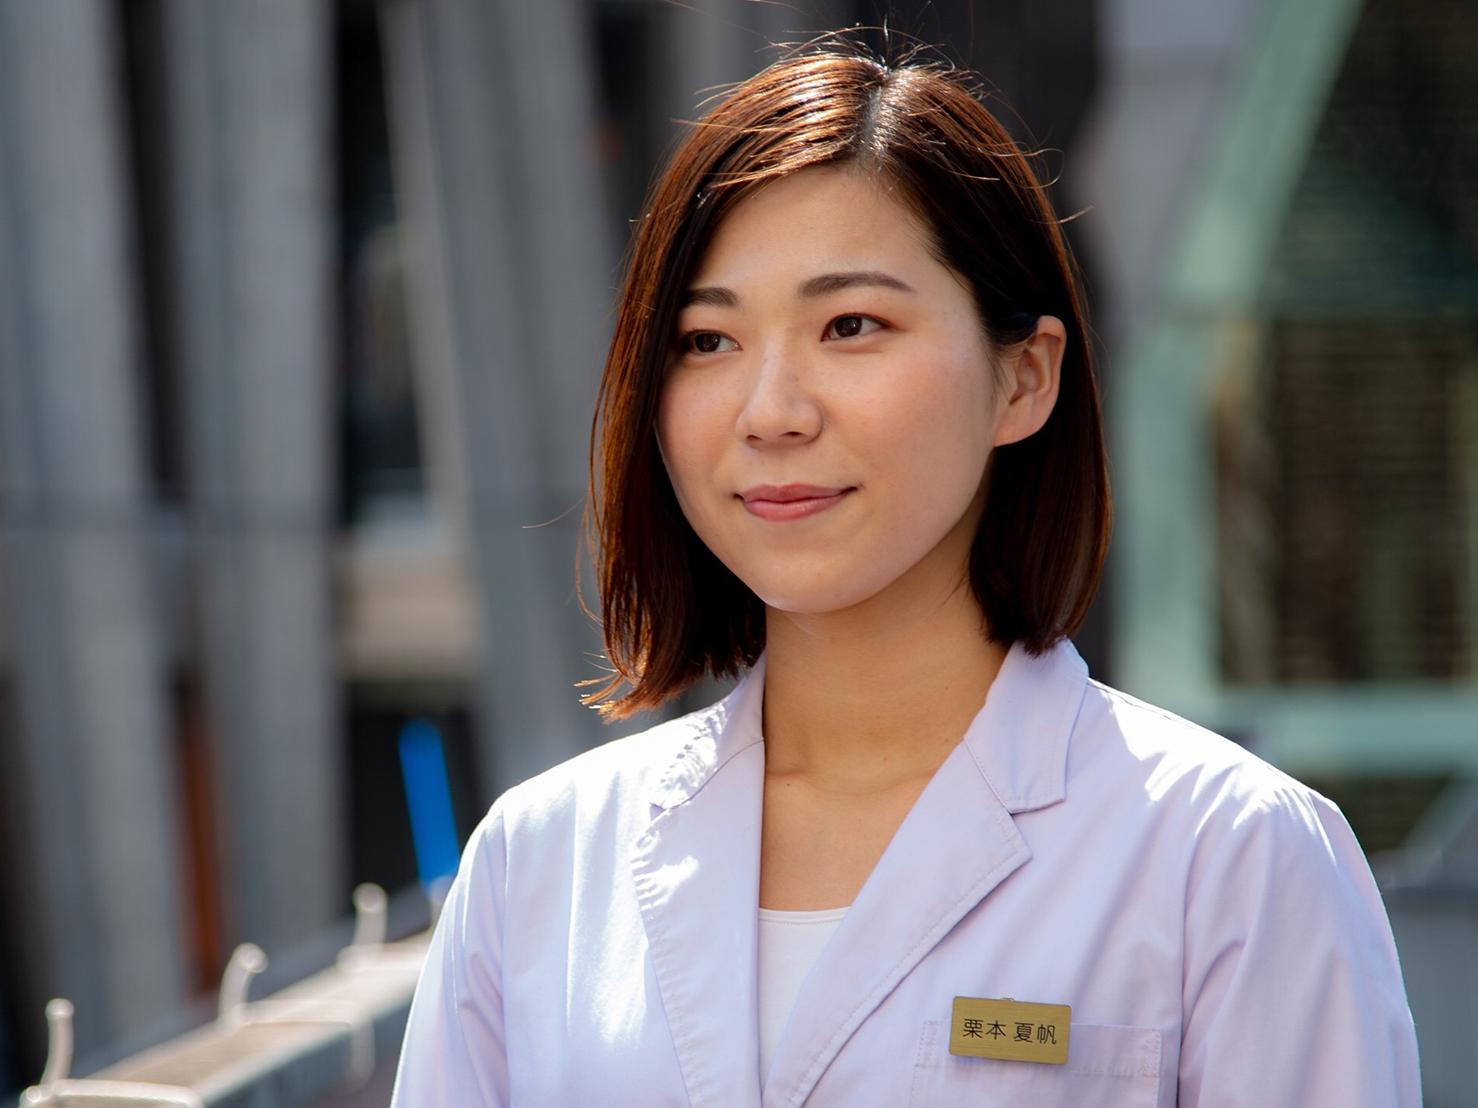 先輩鍼灸師インタビュー企画 グラン治療院 栗本夏帆さん